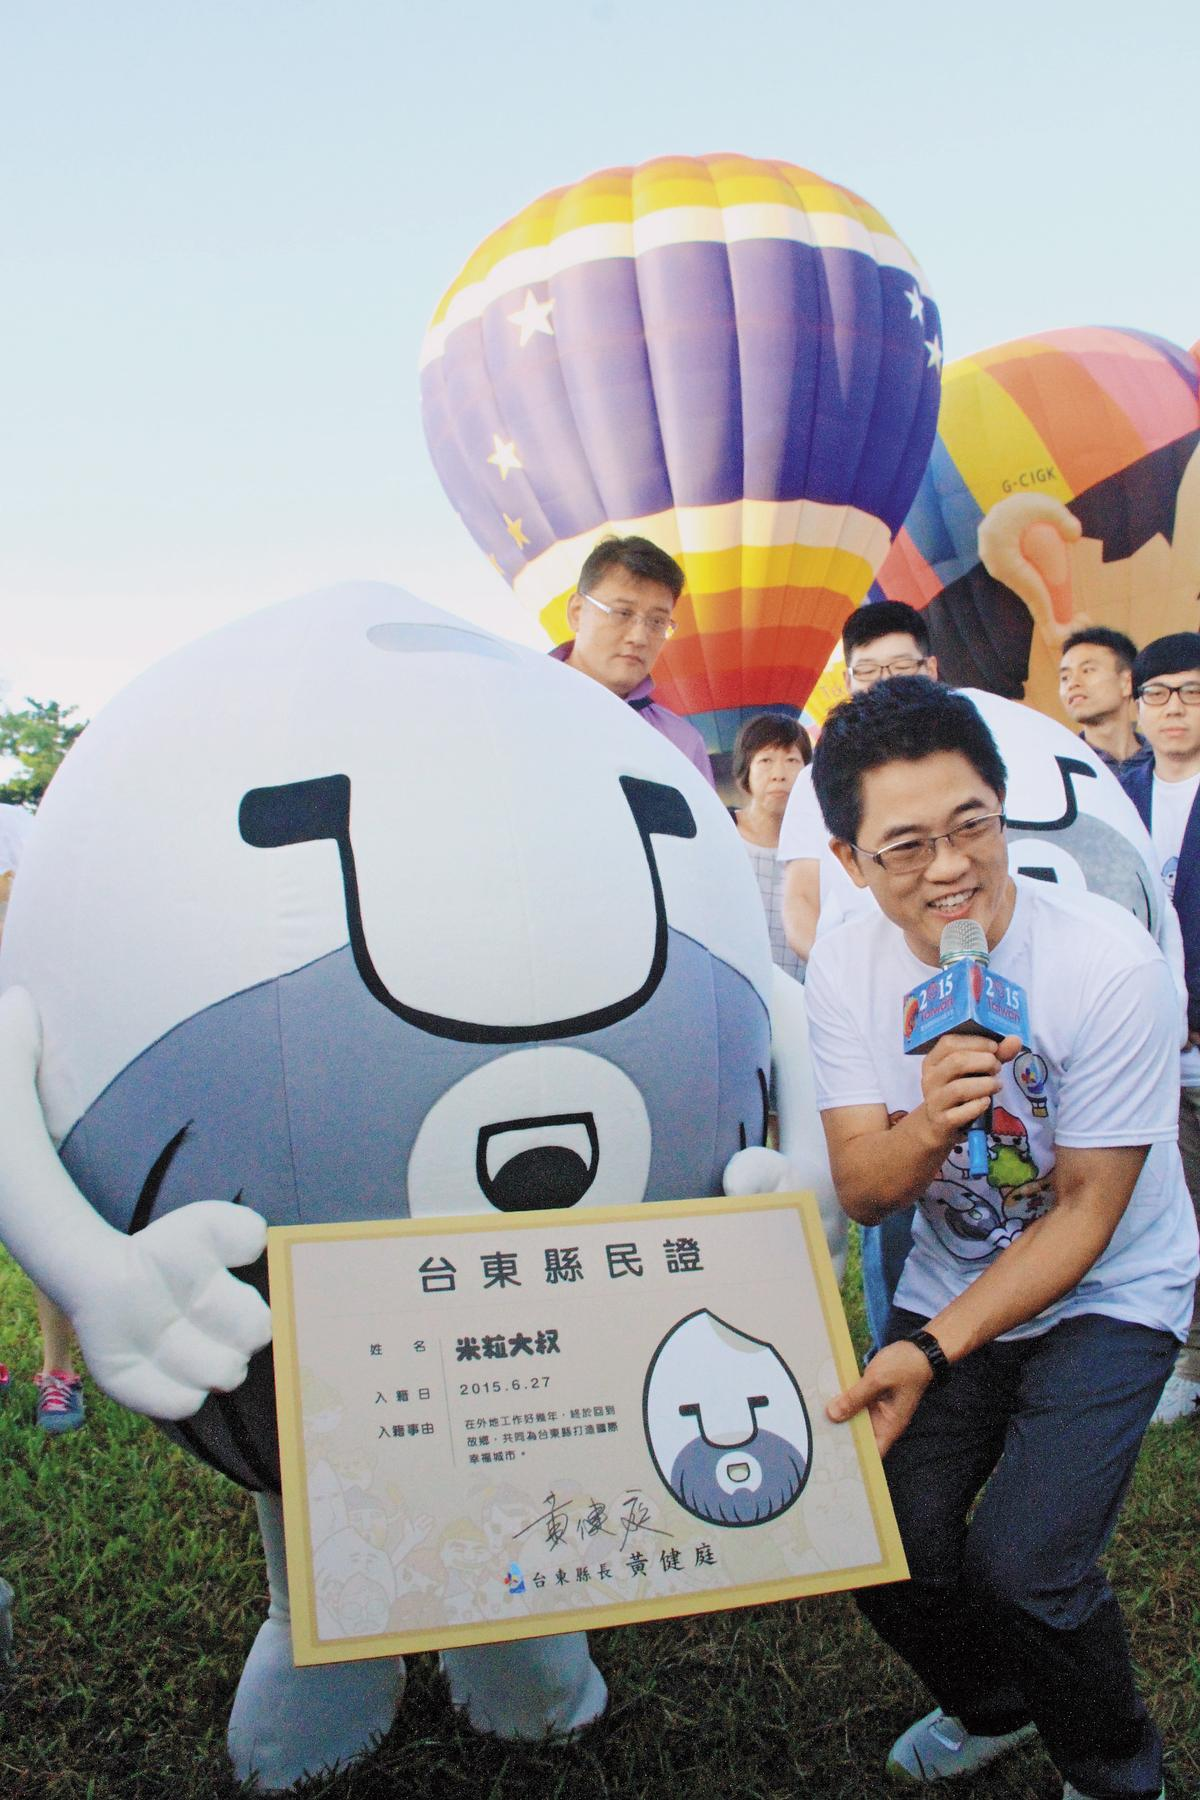 台灣漫畫家小胖創作的《米粒大叔》,受邀為台東好米行銷代言。(翻攝自網路)